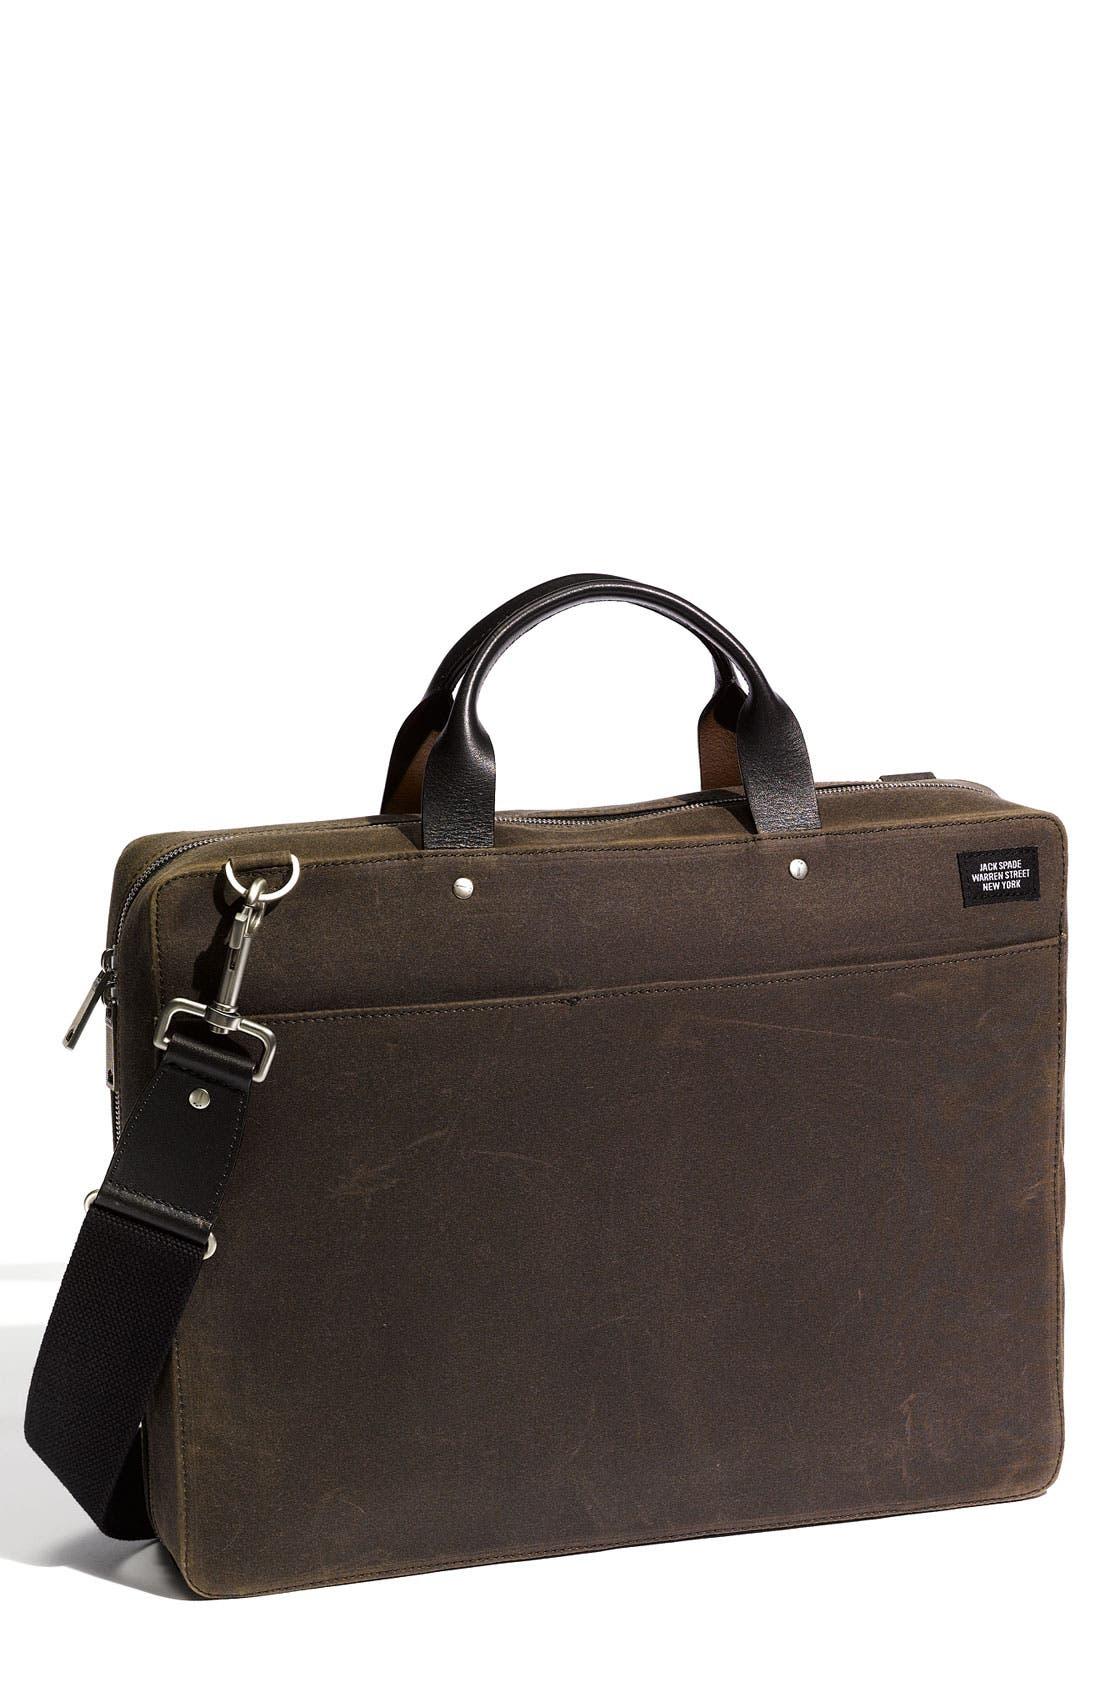 Main Image - Jack Spade 'Waxwear' Laptop File Case